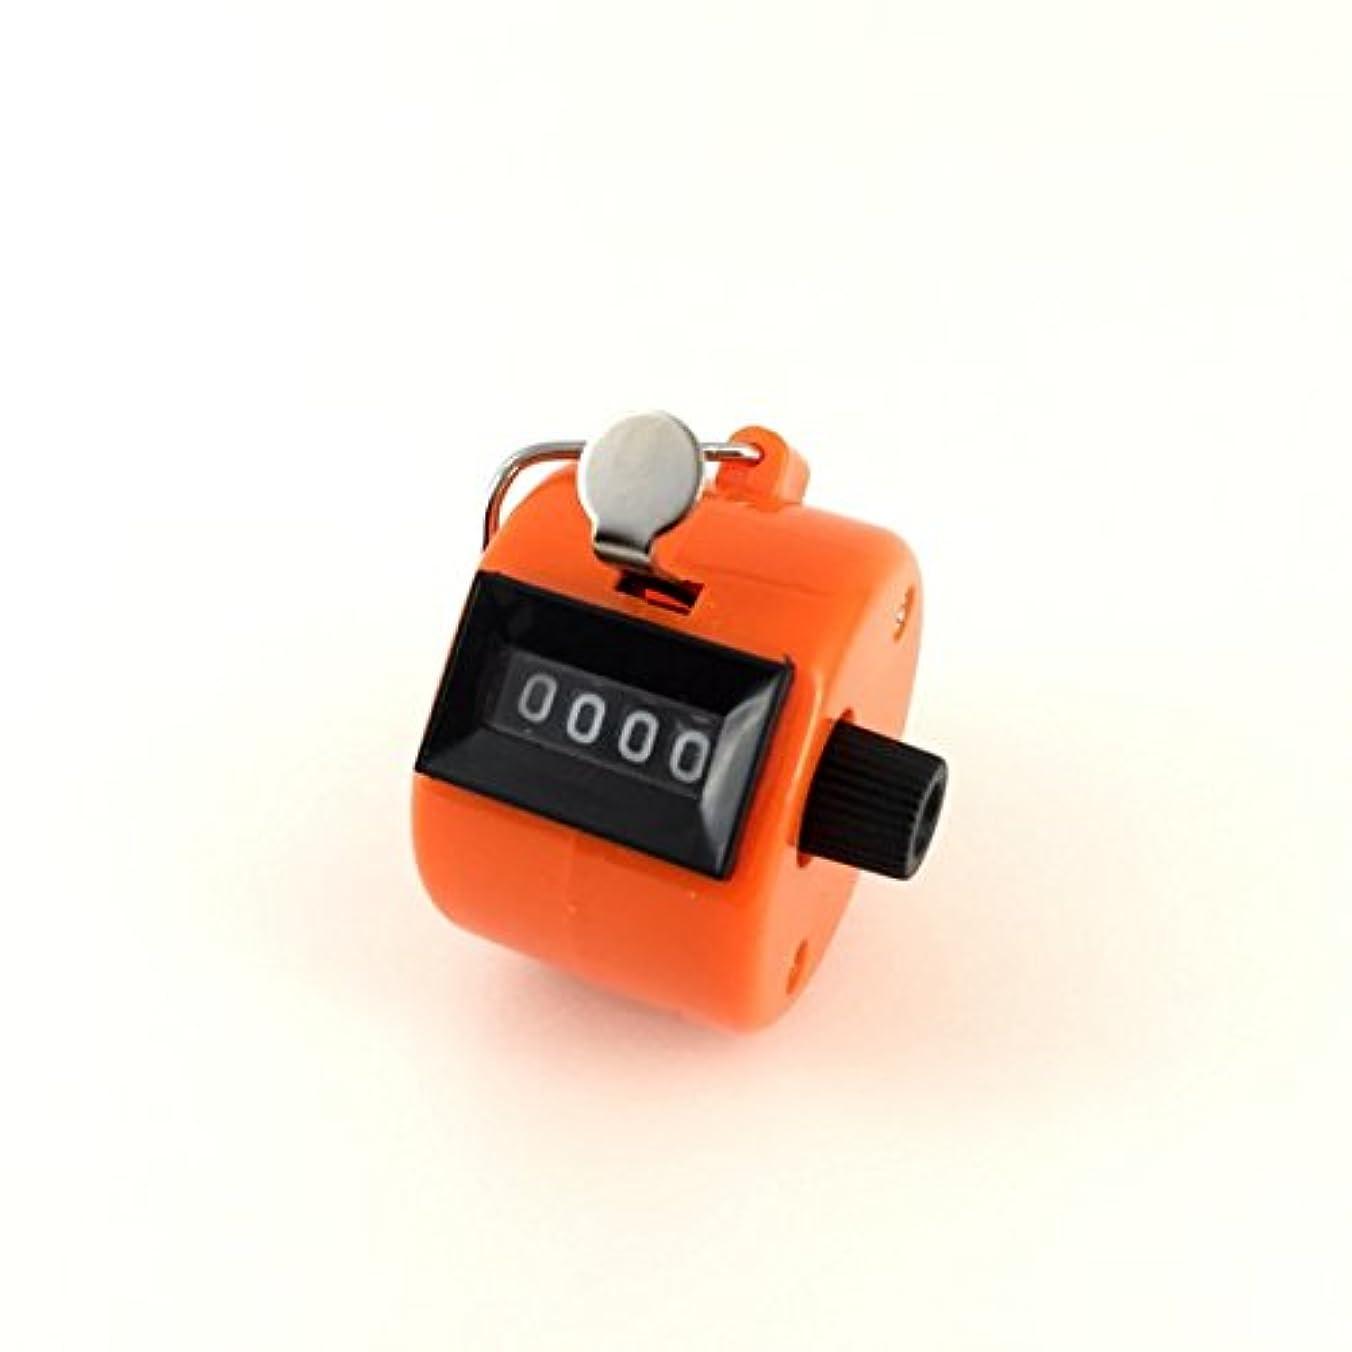 狂気ミット登録エクステカウンター 手持ちホルダー付き 数取器 まつげエクステ用品 カラー4色 (オレンジ)